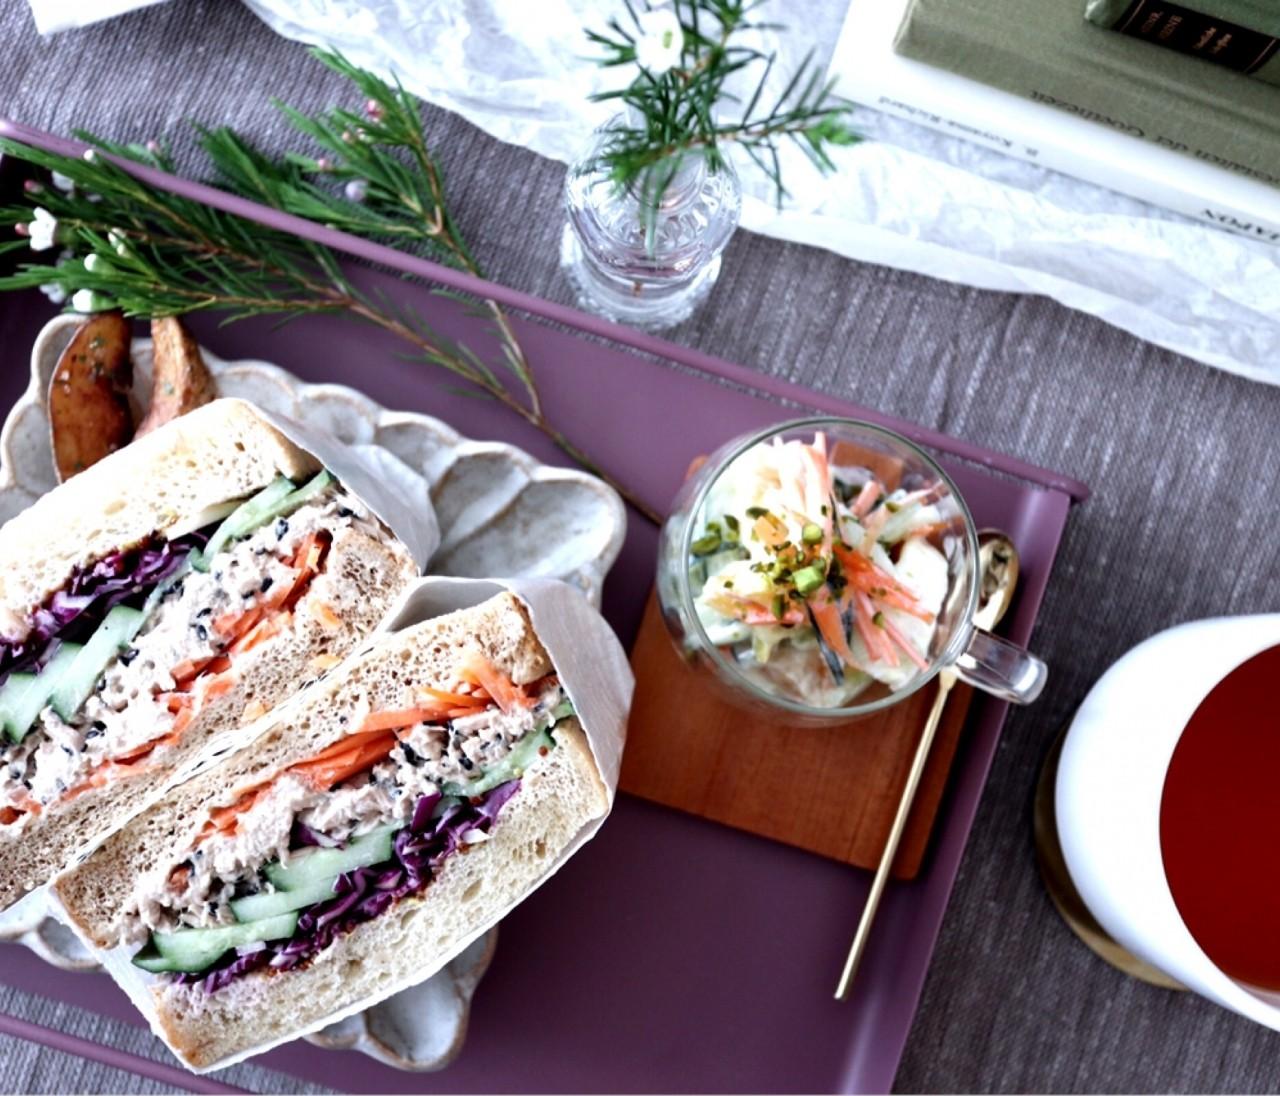 【人気の雑貨屋さん♡】ソストレーネグレーネで格上げおうちカフェ